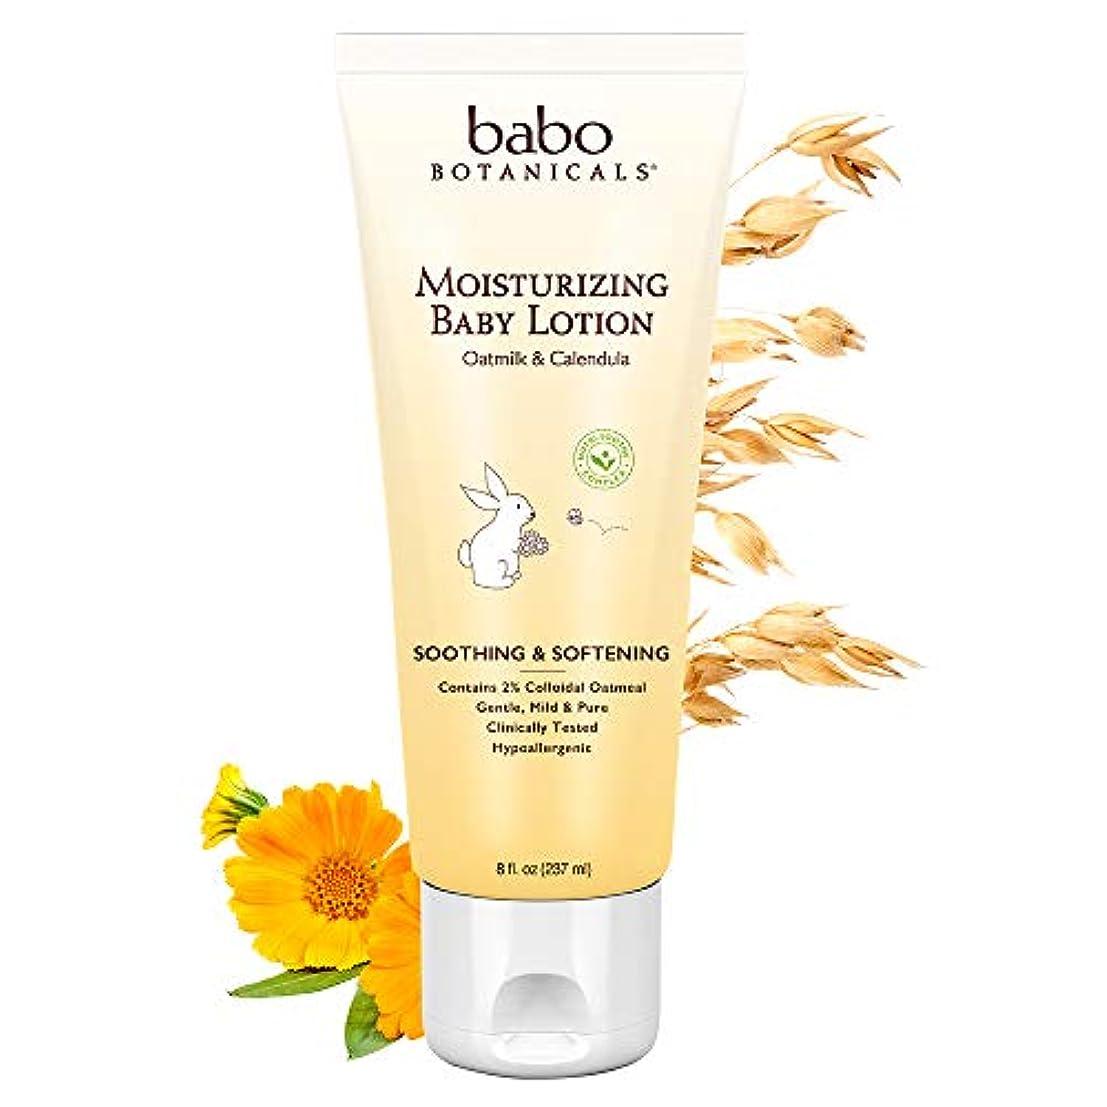 ガレージ実現可能フックBabo Botanicals Oatmilkカレンデュラ保湿ベビーローション、 - スージング敏感肌のためのベストのベビーローション。アトピー性皮膚炎を和らげるのに役立ちます。ナチュラルオーツとオーガニックカレンデュラ...